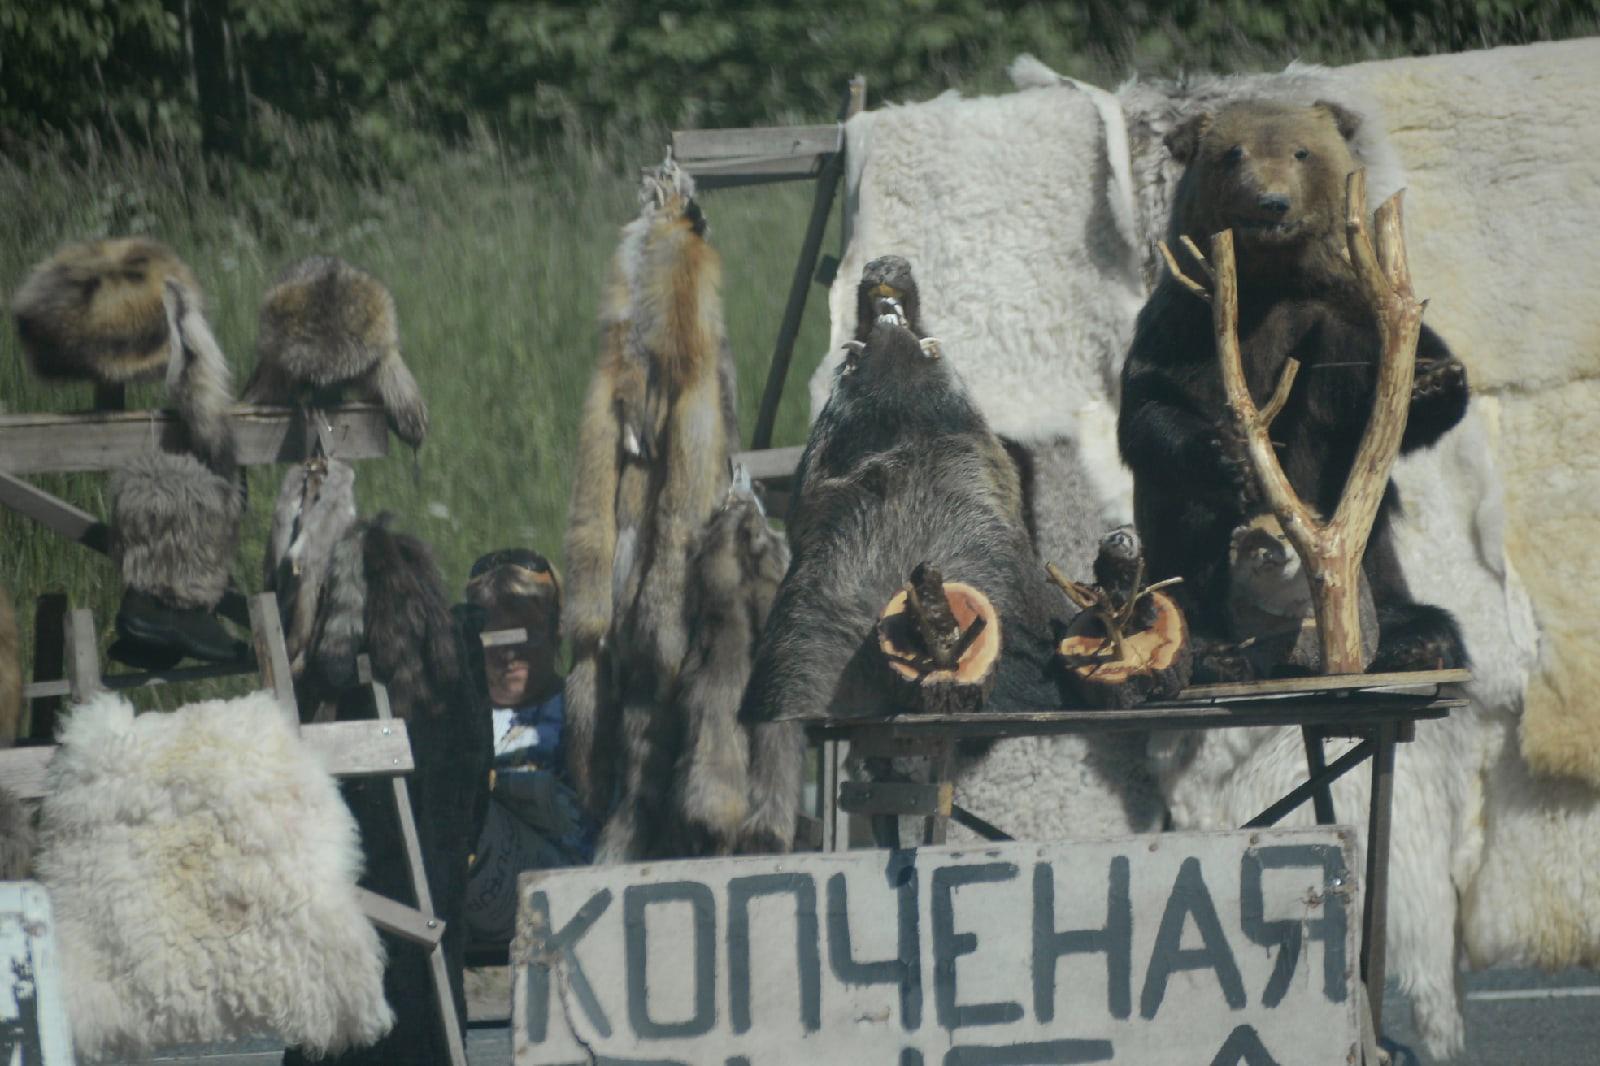 «Культ смерти»: активист обвинил Тверскую область в создании культа убийства животных - новости Афанасий